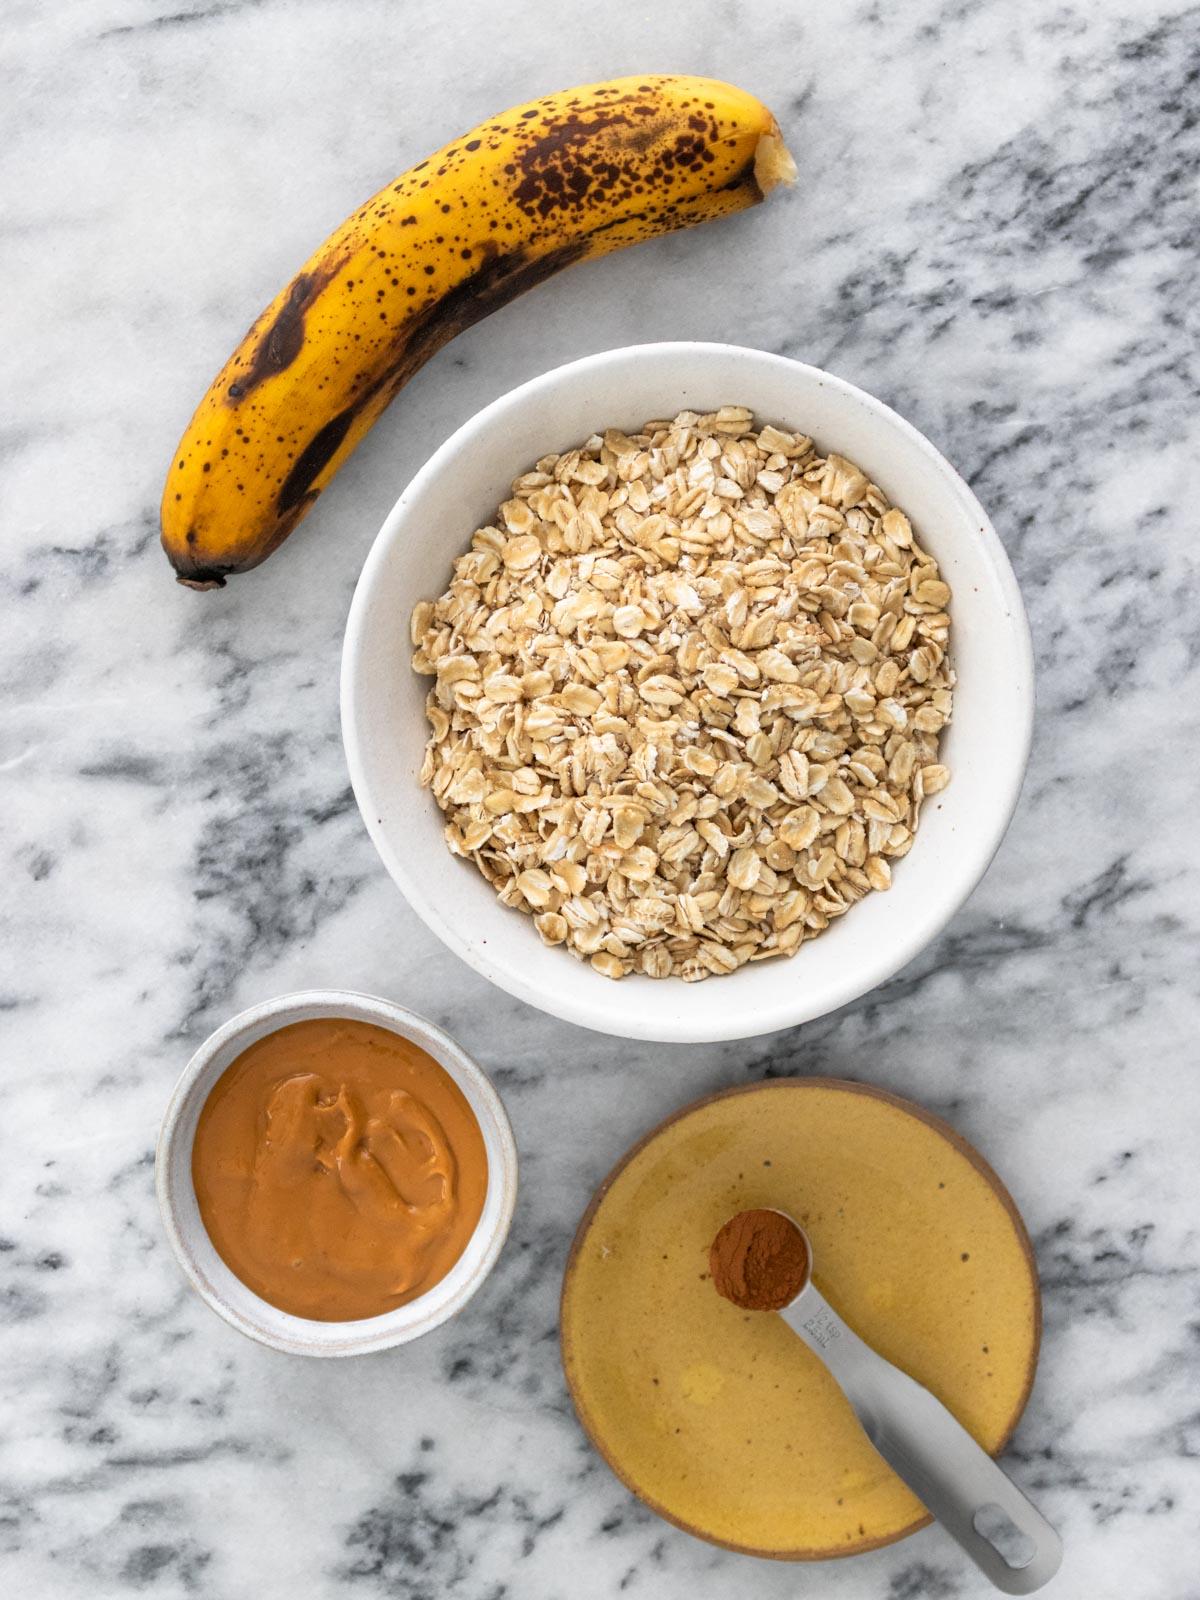 ingredientes para fazer granola sem açúcar